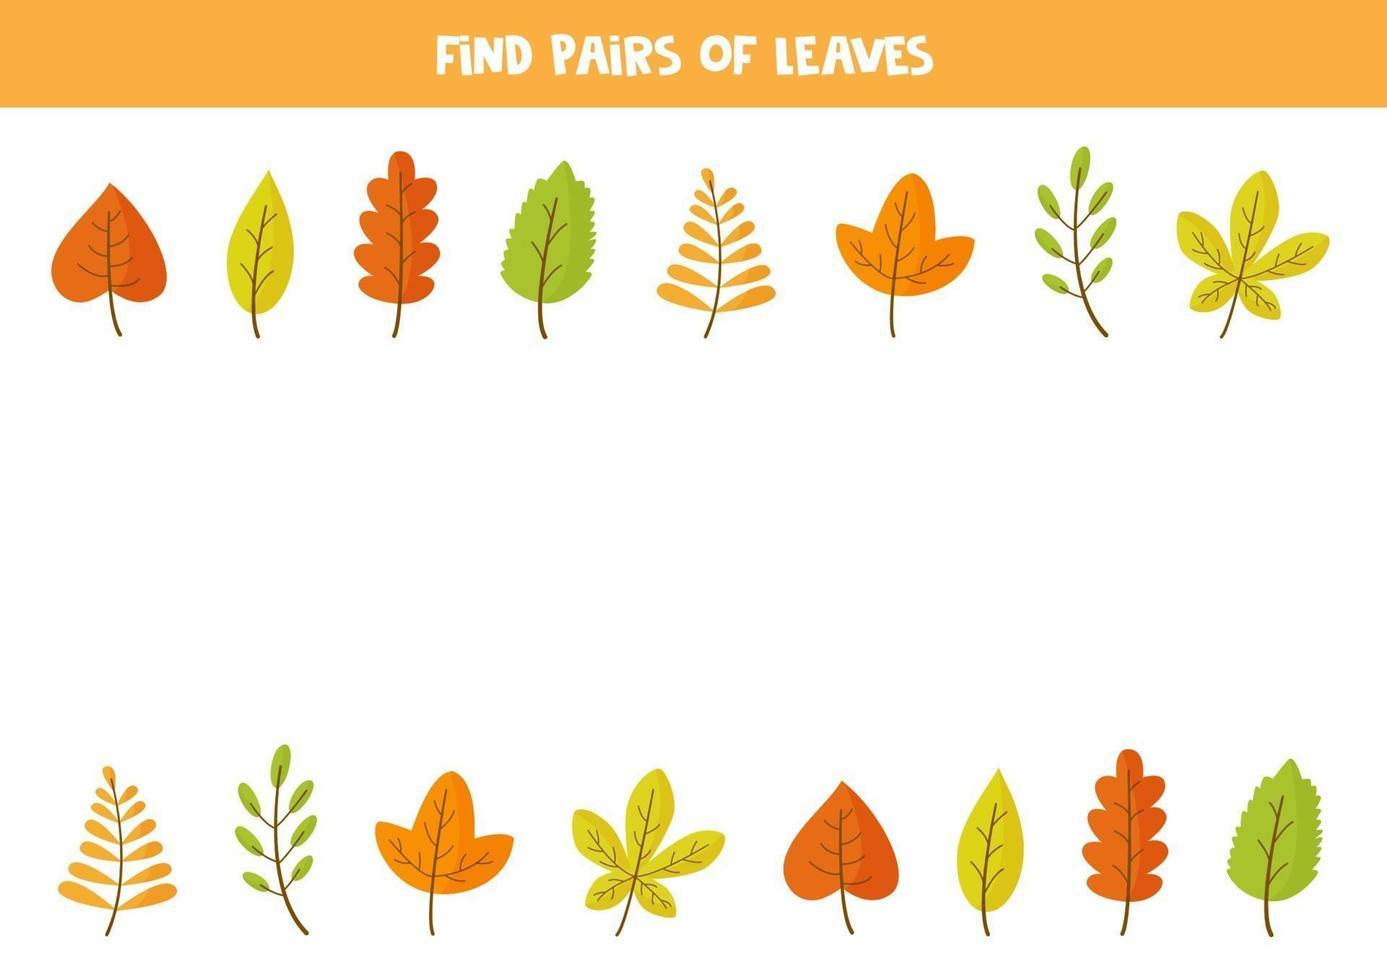 encuentra un par de cada hoja de otoño. juego para niños, vector